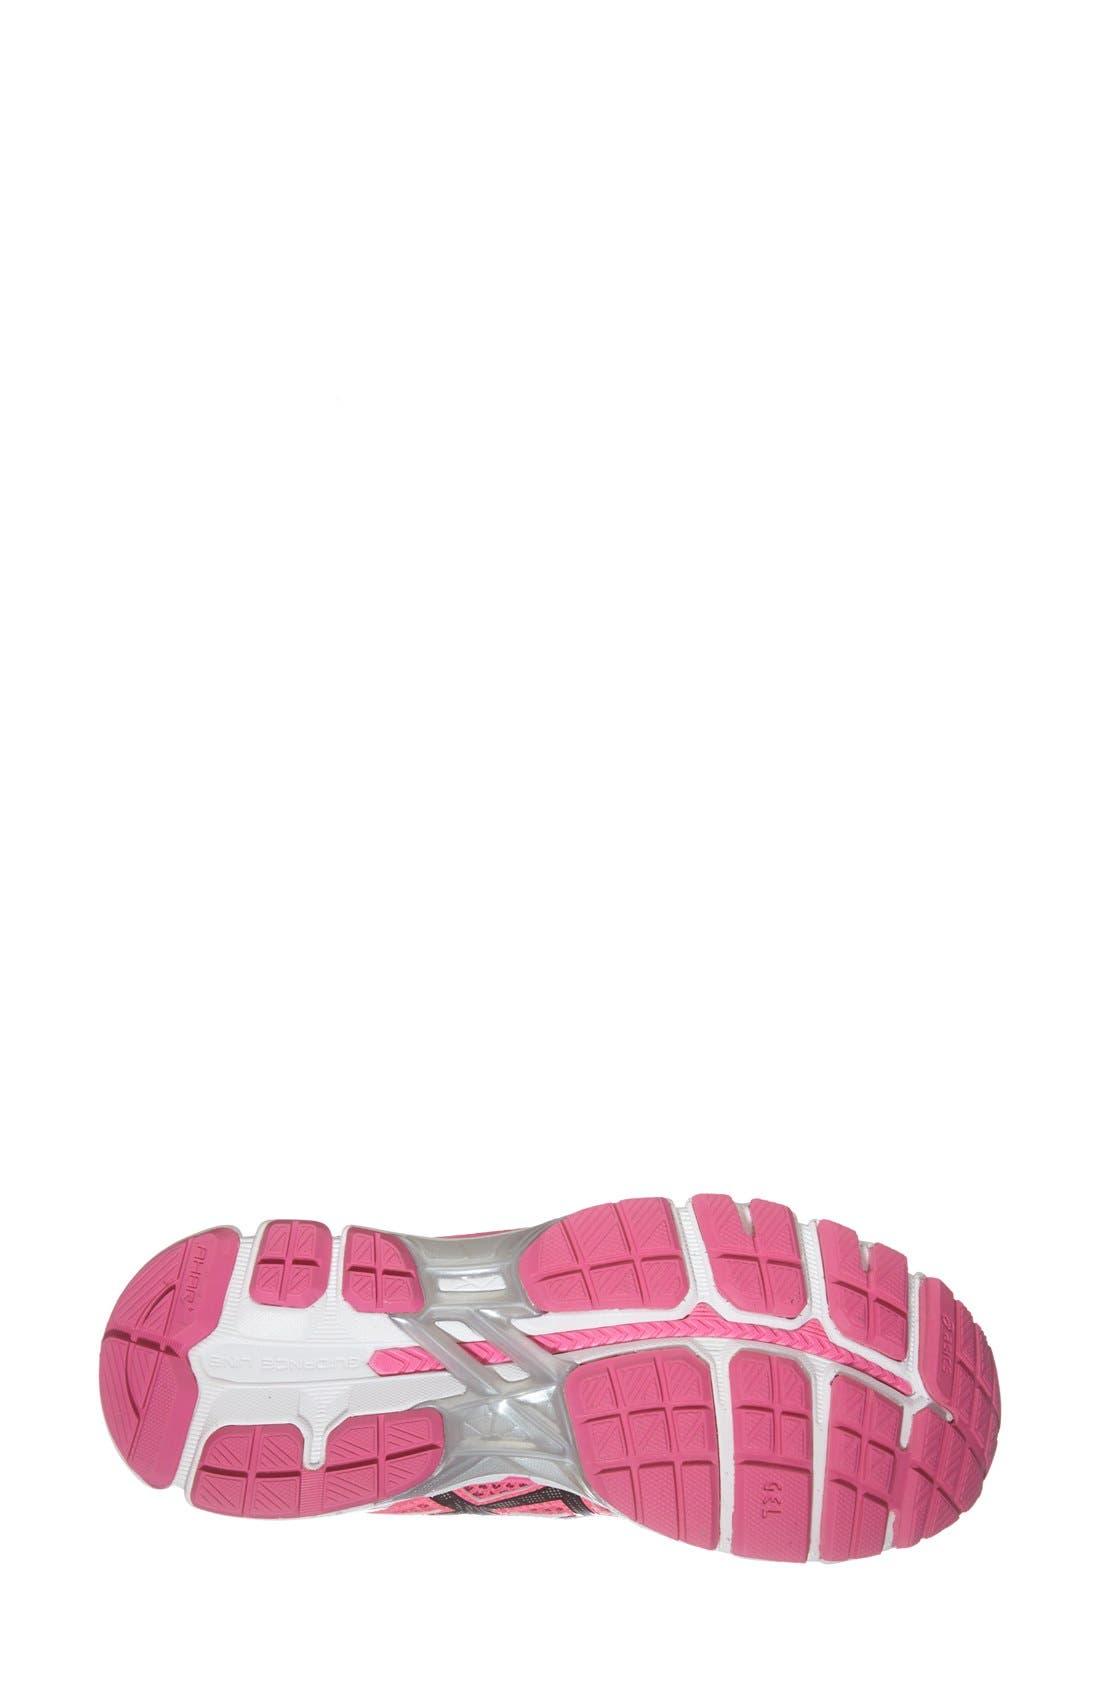 Alternate Image 4  - ASICS 'GEL-Kayano® 21' Running Shoe (Women)